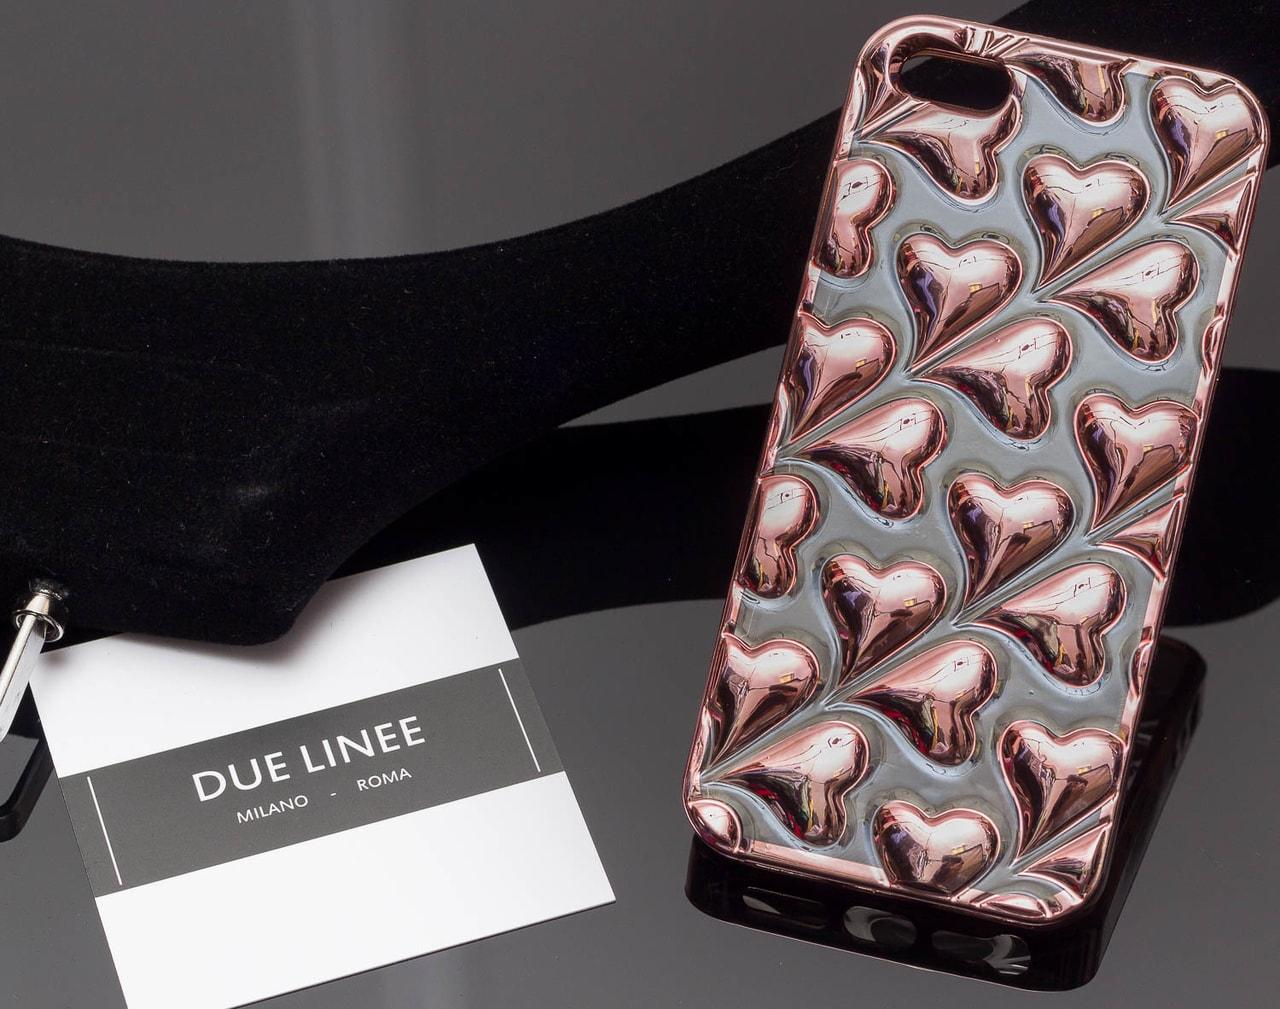 Glamadise.sk - Kryt na Iphone 5 5S SE - se srdíčky - rose gold - Due ... 11070ee459e